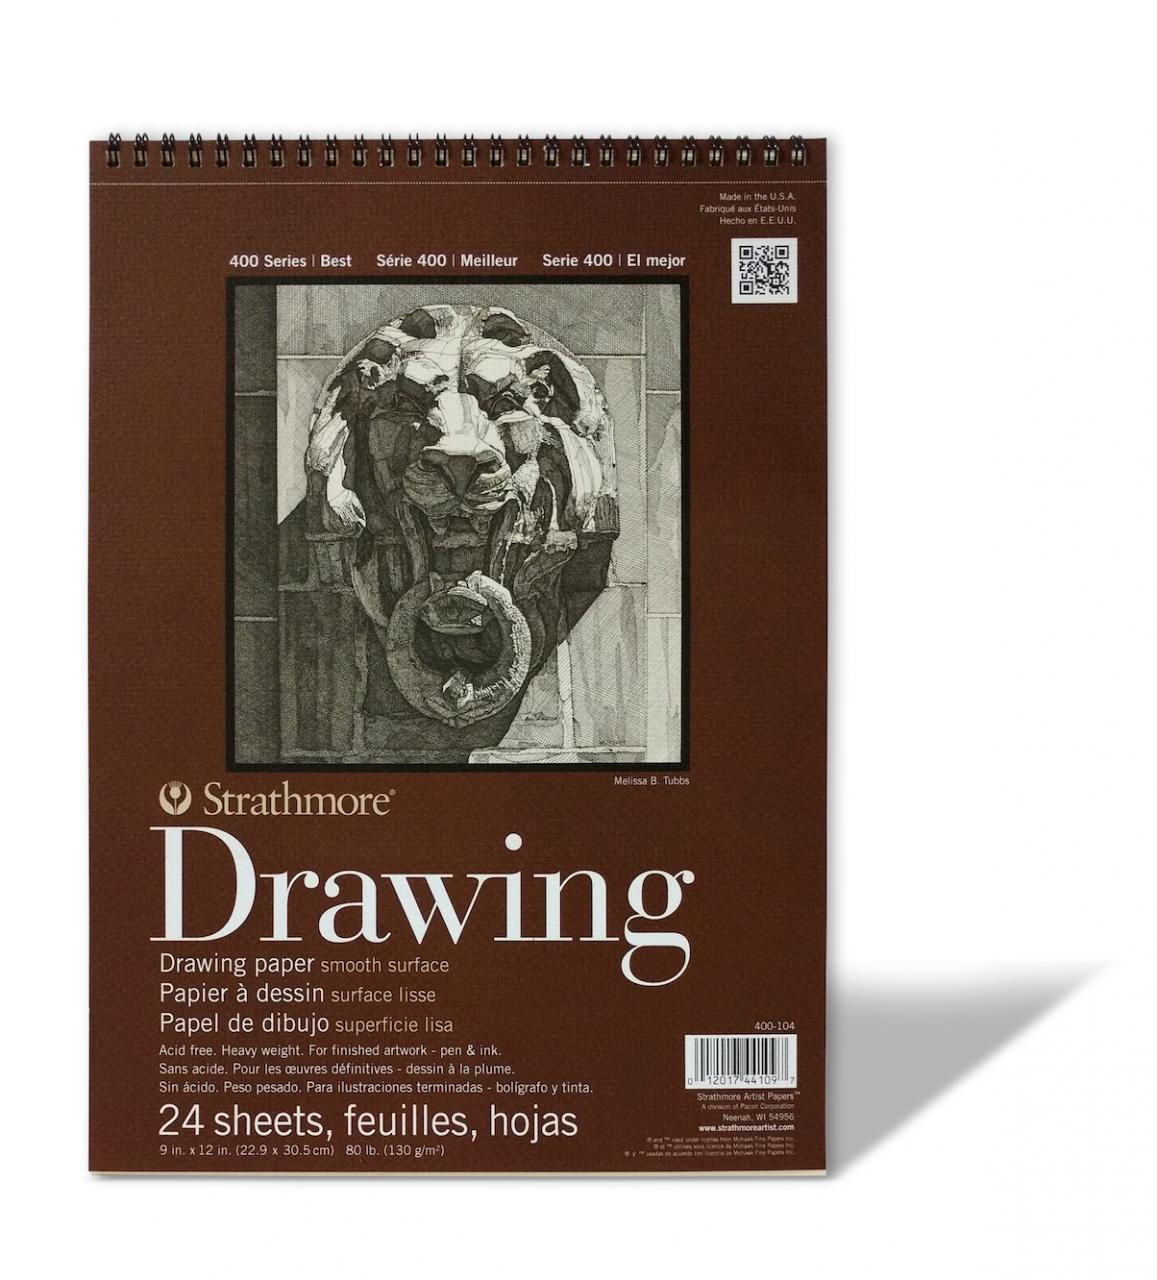 Block Strathmore 400-104 Drawing